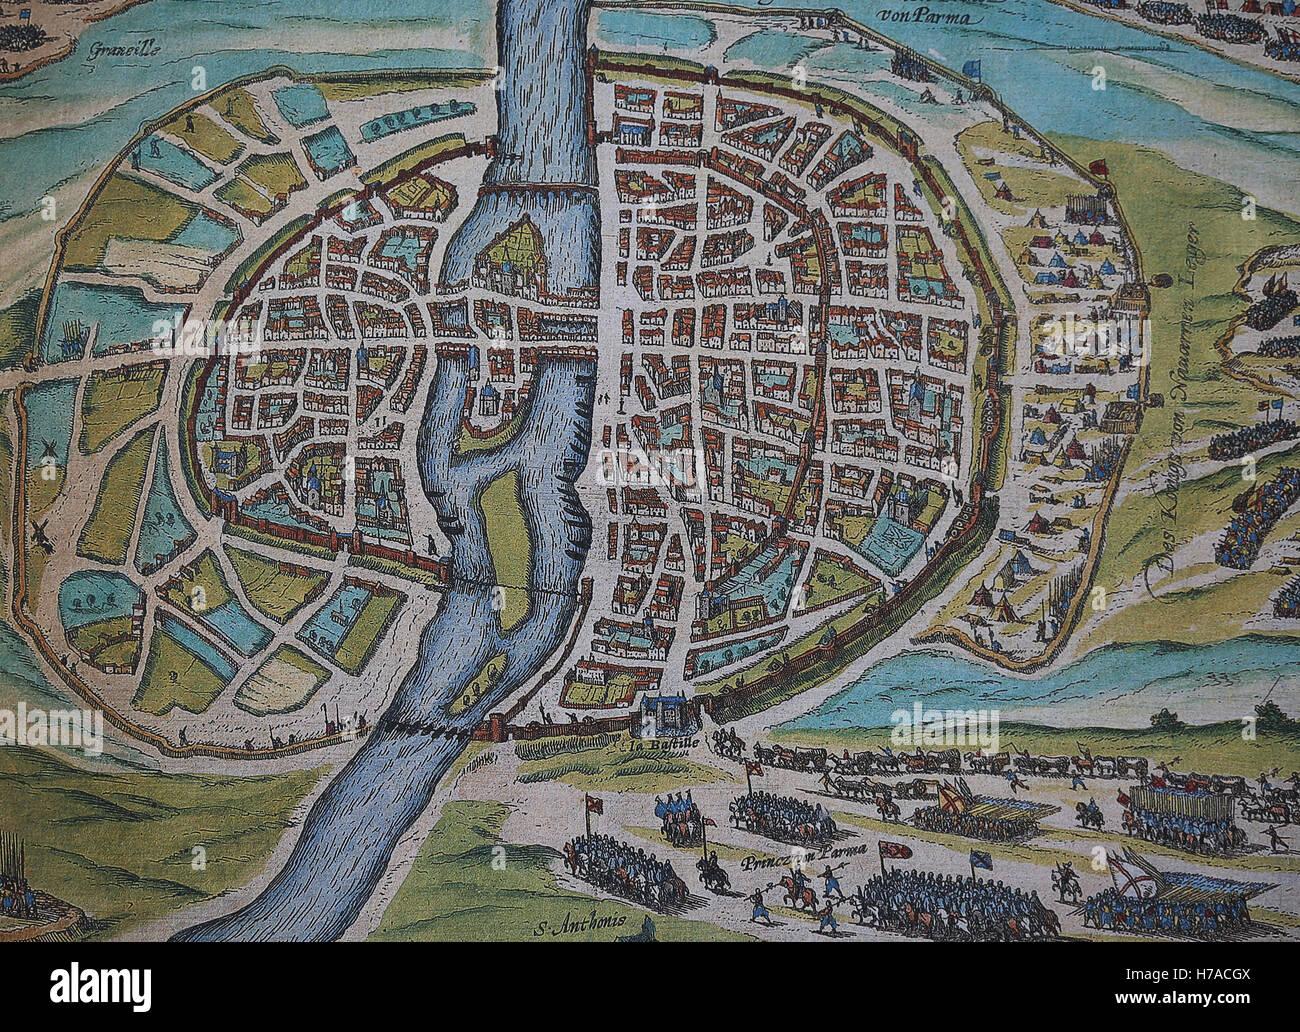 Il francese guerre di religione. L'assedio di Parigi di Enrico IV, Agosto 1590. Immagini Stock